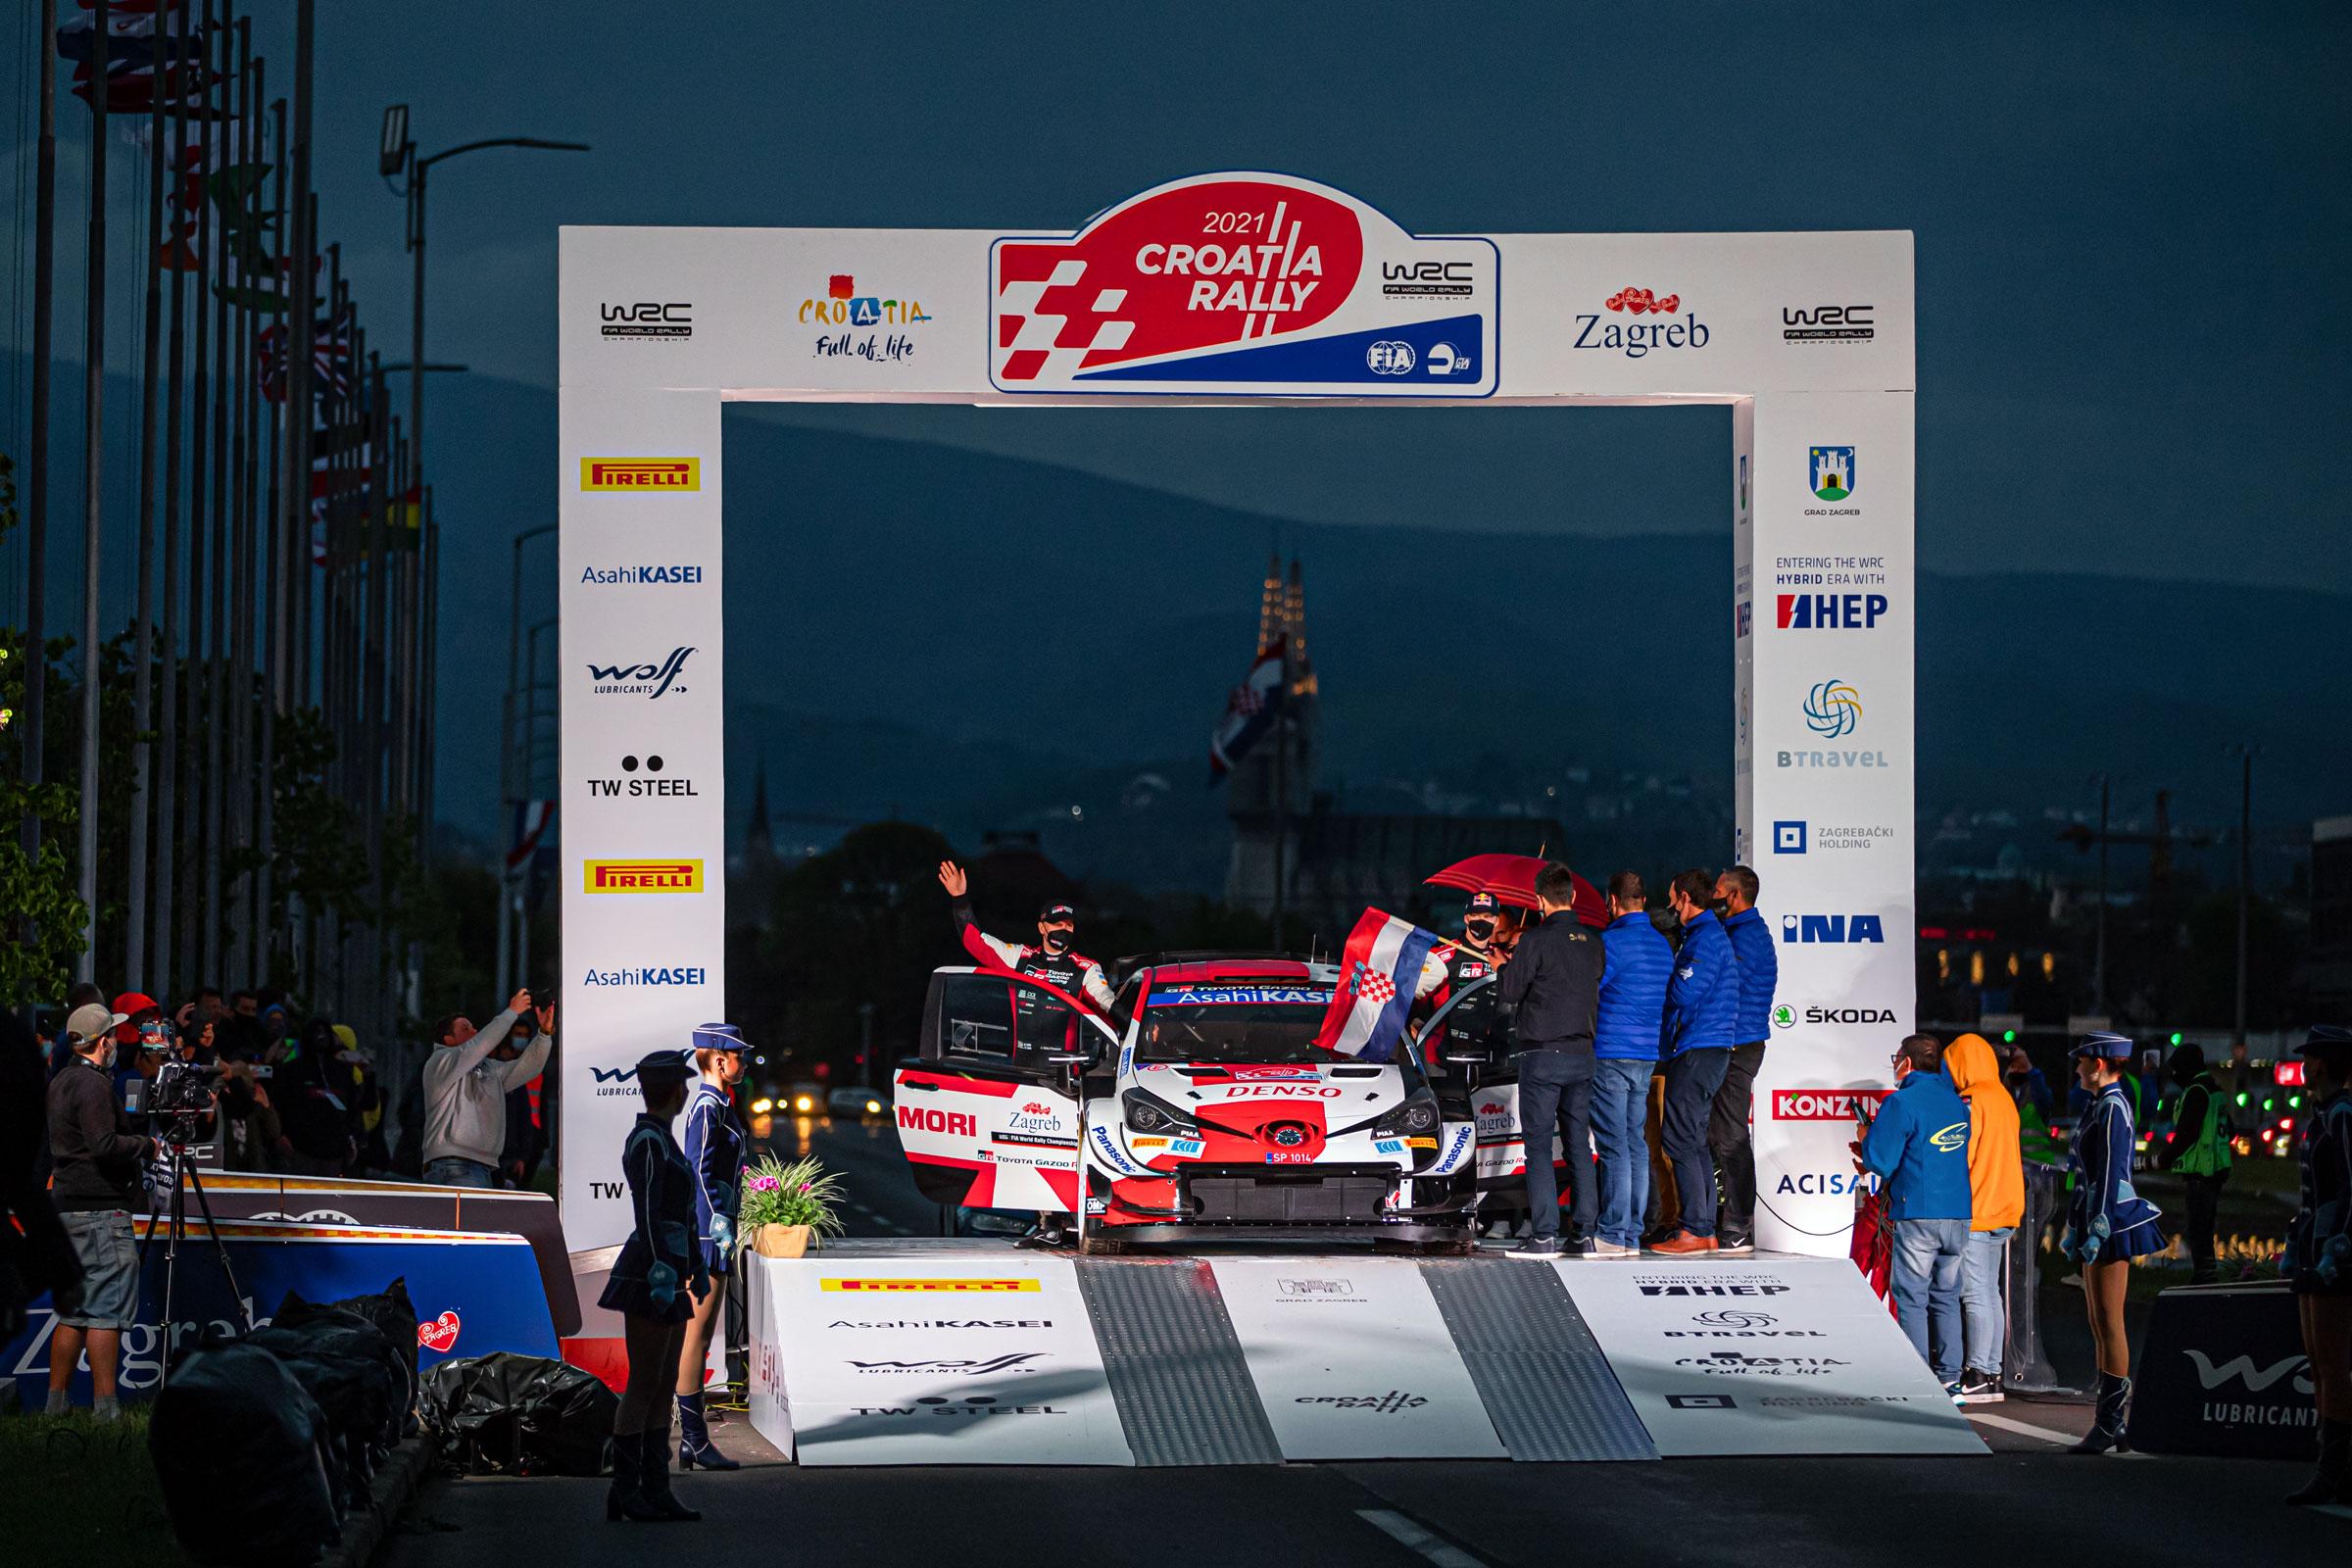 Svečano otvoren Croatia Rally 2021, najveći sportski događaj u Hrvatskoj - 2